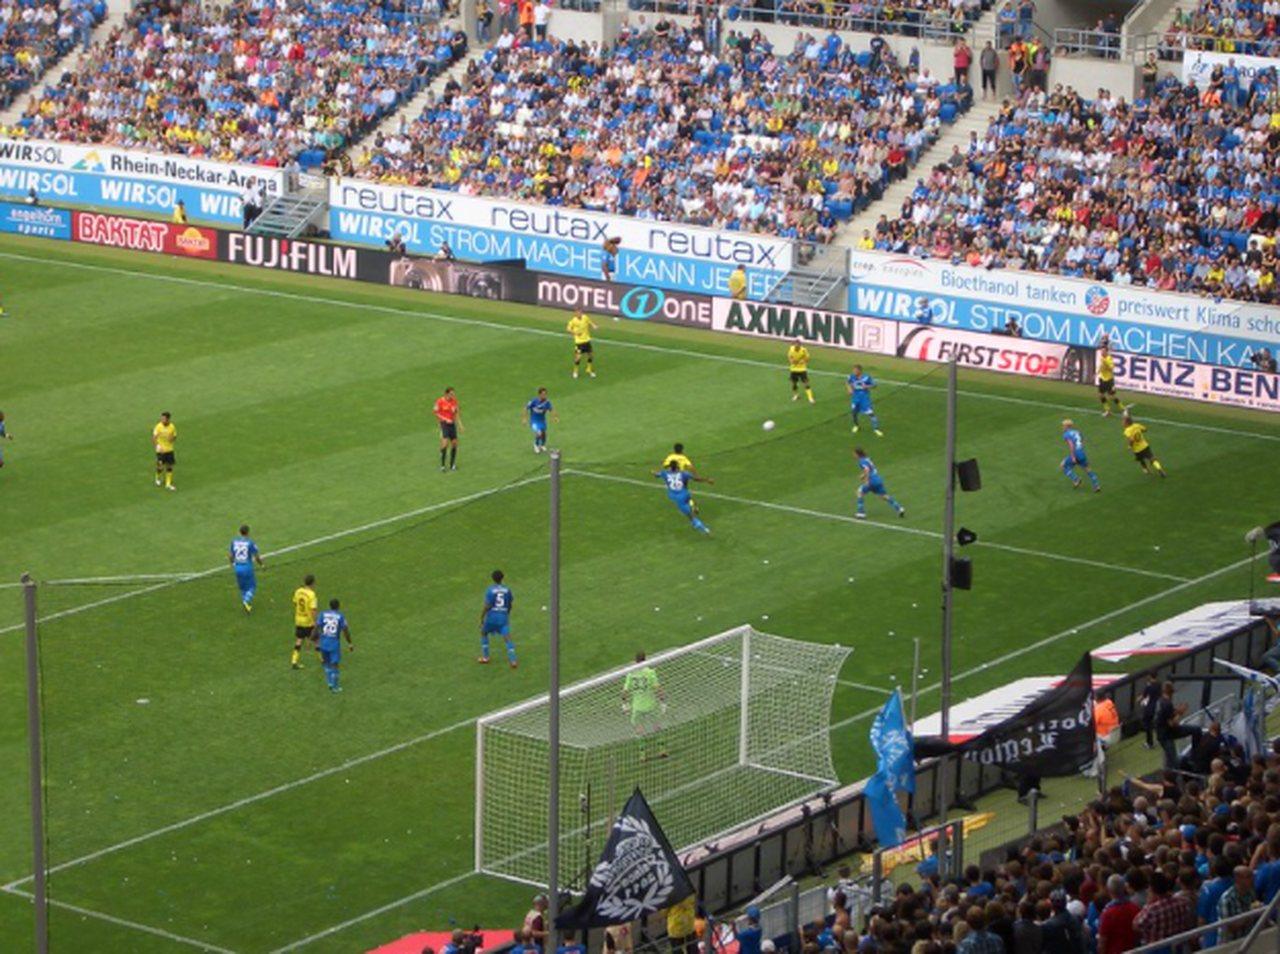 vista de cima de estádio de futebol com jogadores alemães em campo e arquibancadas lotadas